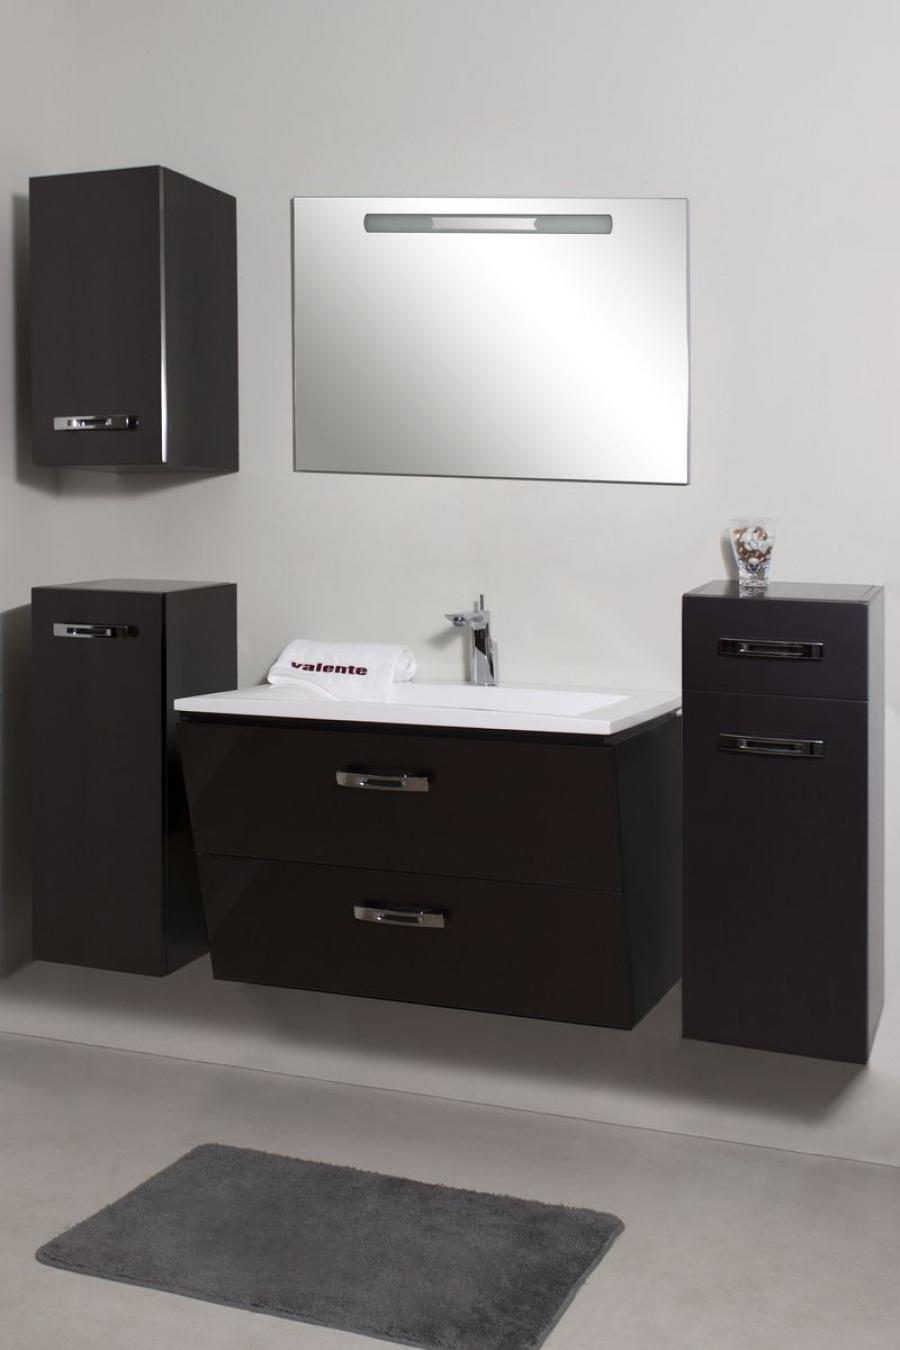 Сантехника, мебель для ванной, душевые кабины - Томск :: Мебель